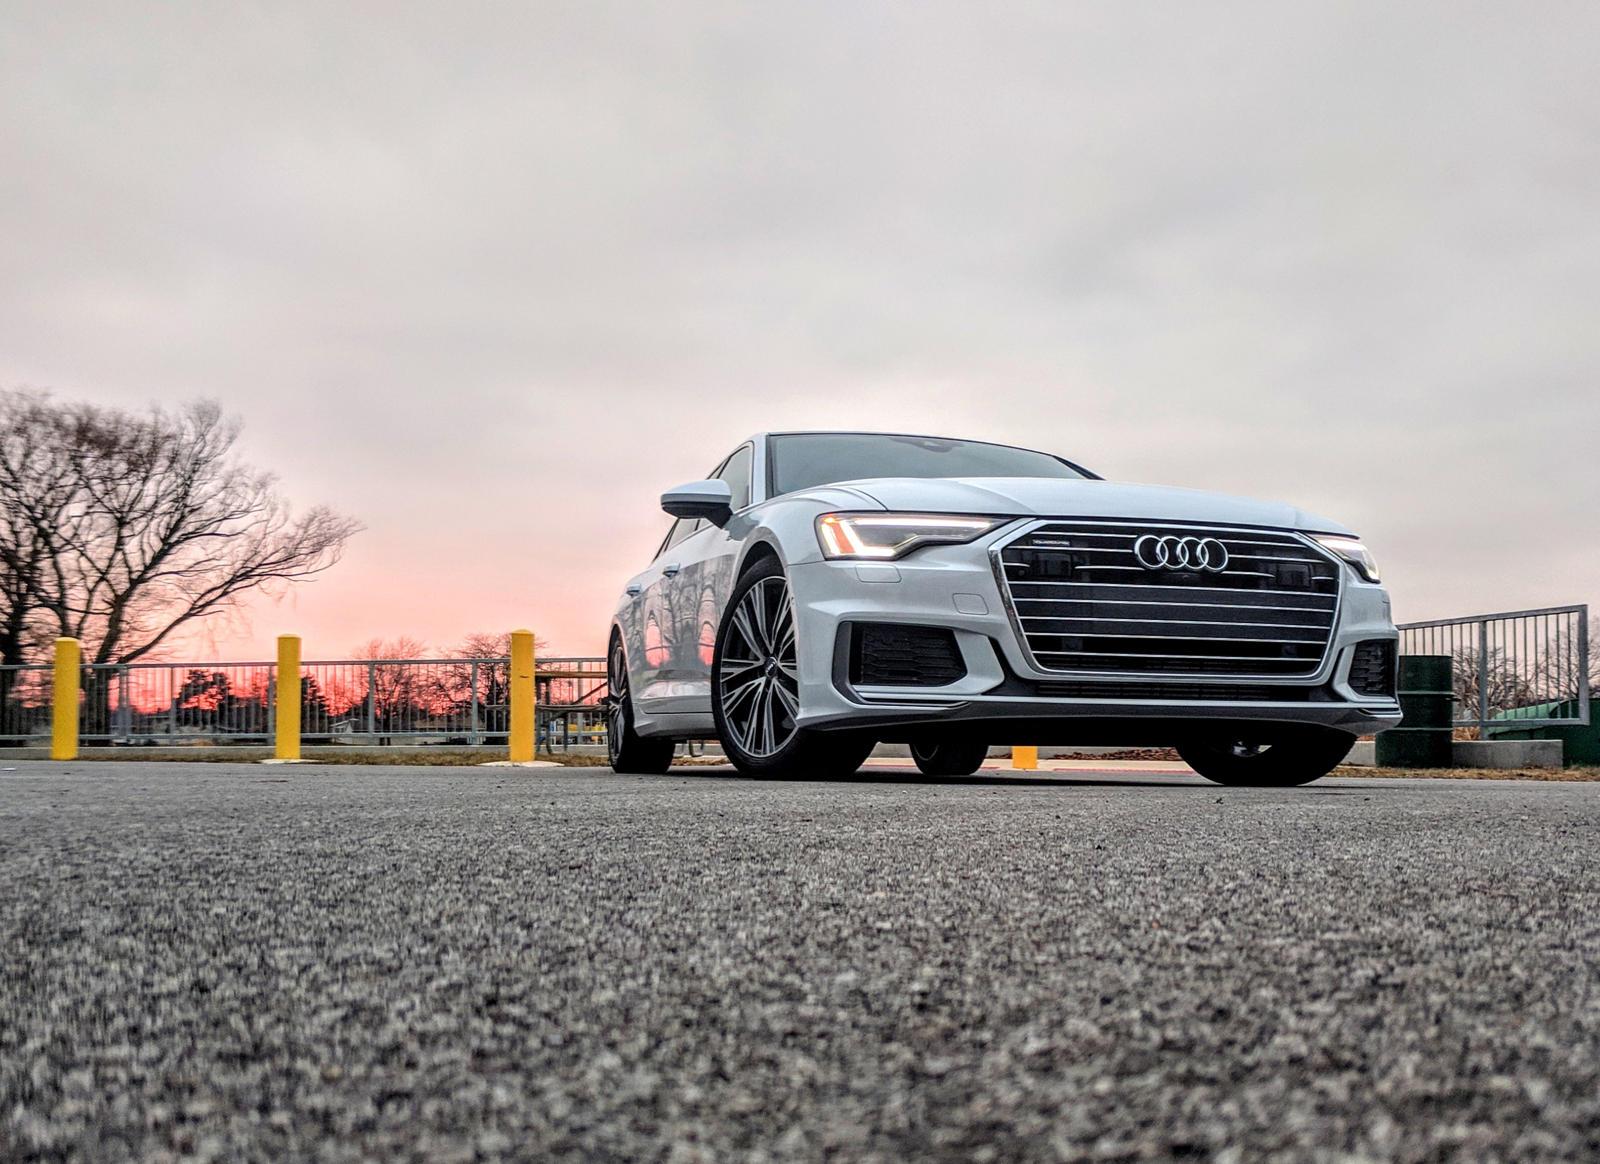 2755 2019 Audi A6 Test Drive Review: A 21st Century Magic Carpet Ride